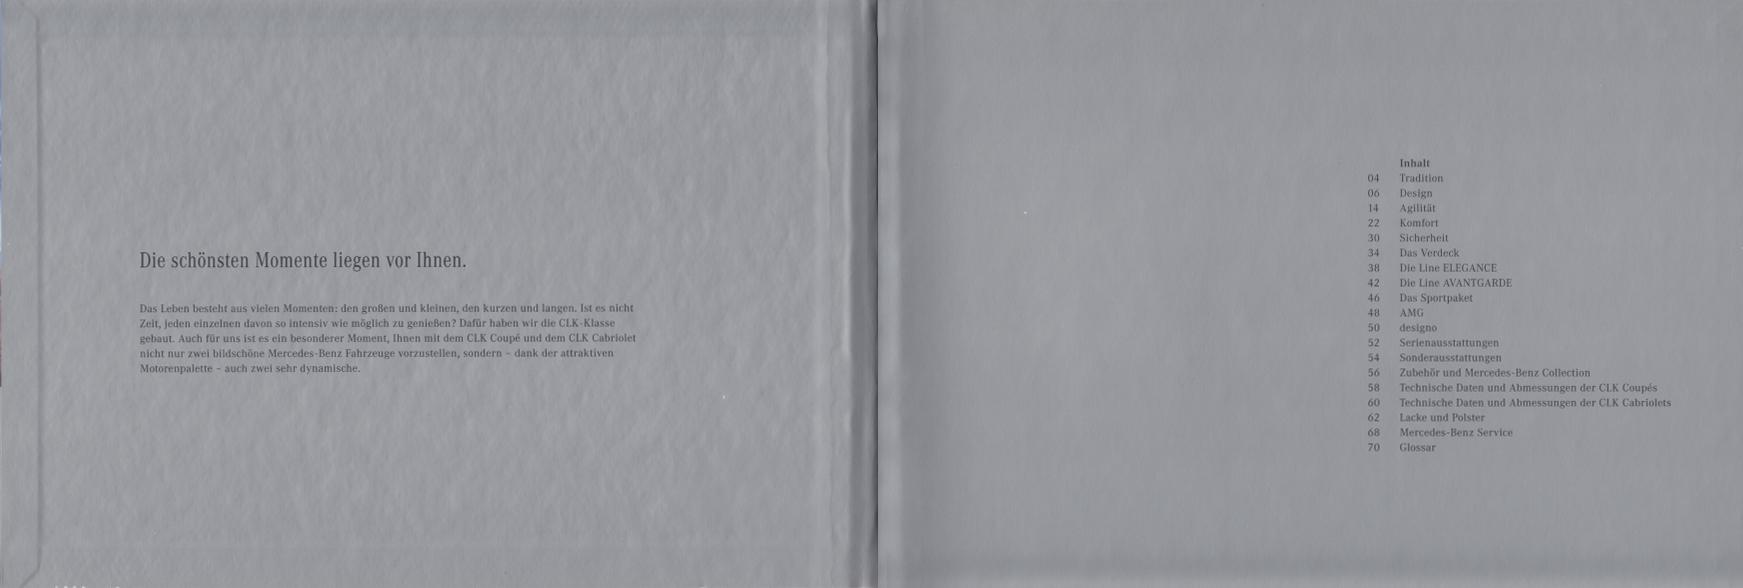 (A/C209): Catálogo 2007 - alemão 002